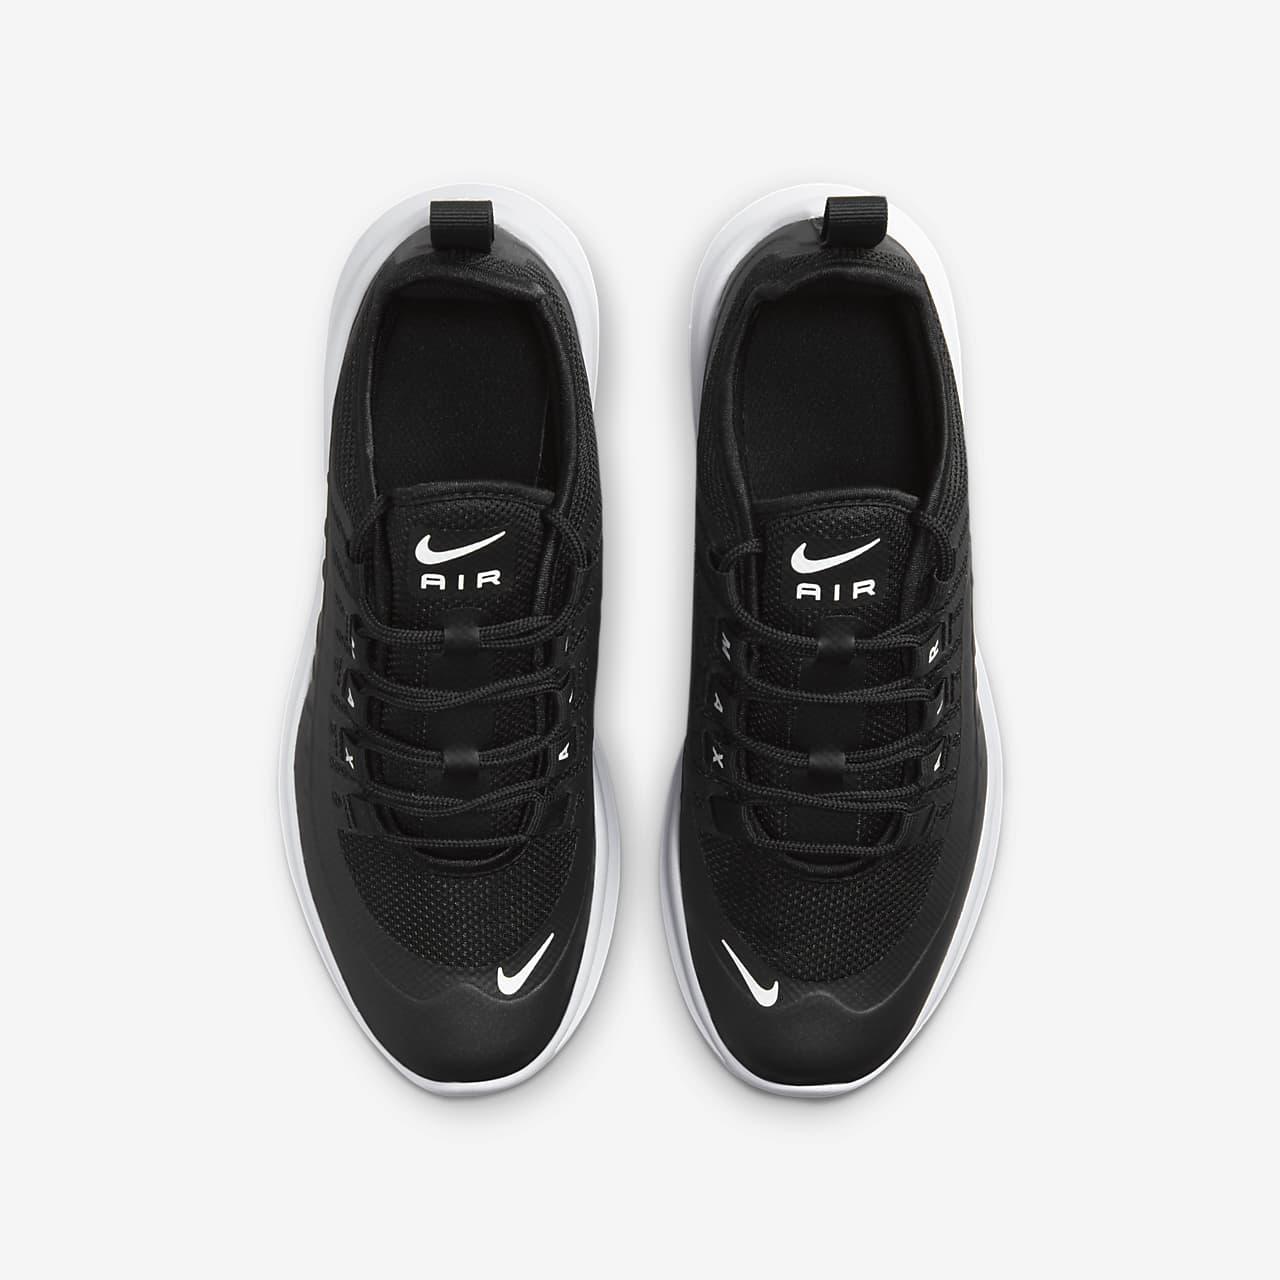 0c884a441 Nike Air Max Axis Zapatillas - Niño a. Nike.com ES